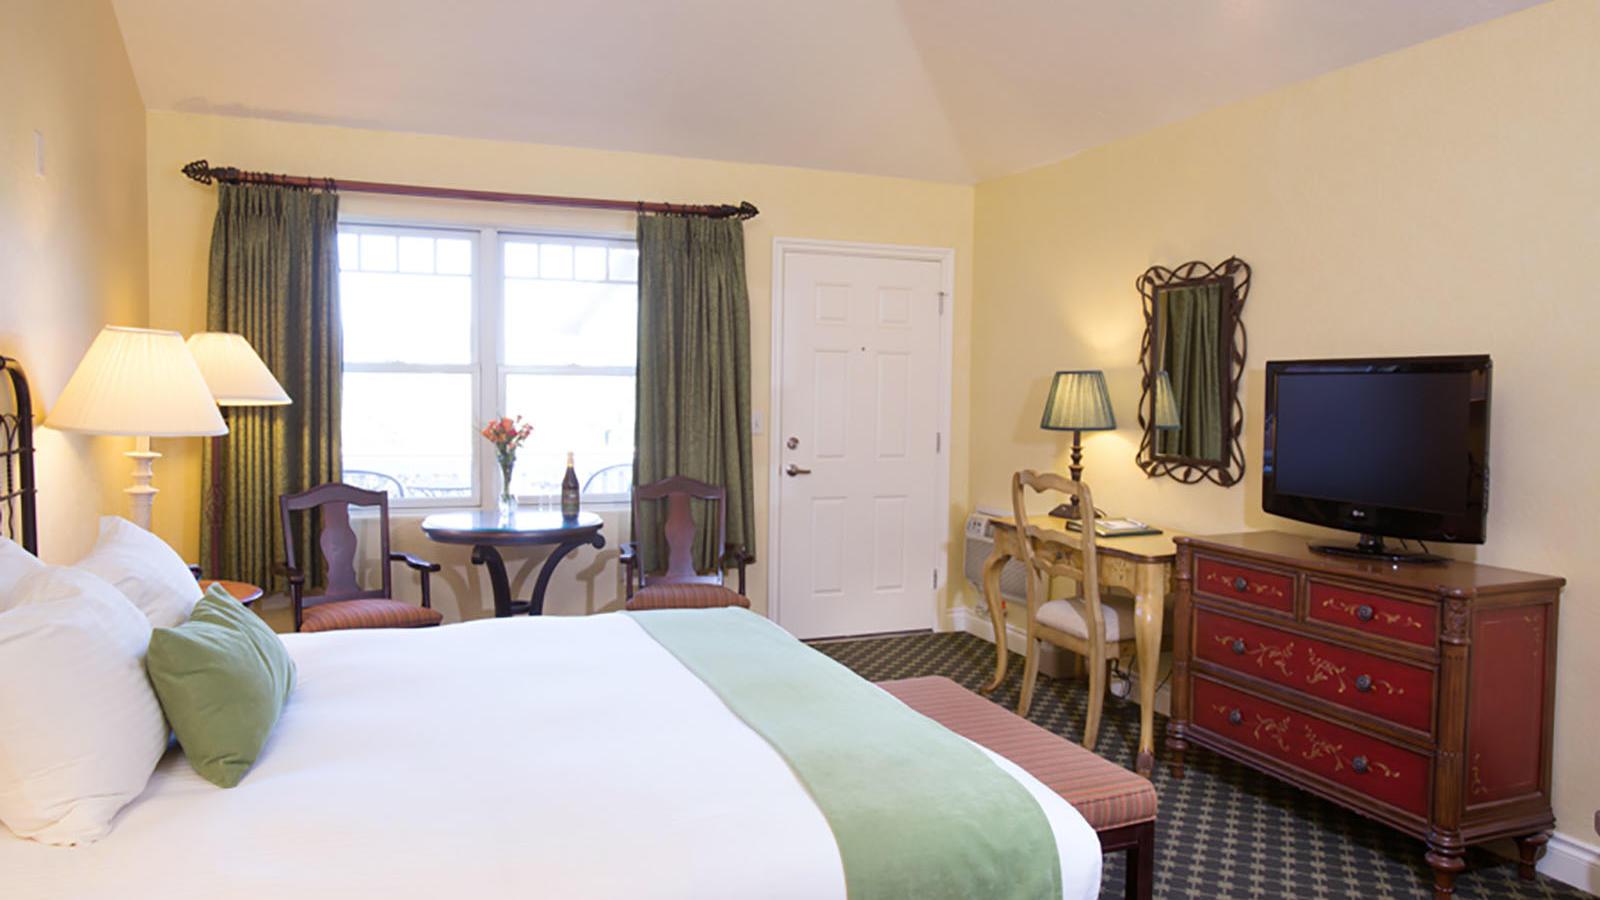 A cozy hotel room in Oregon